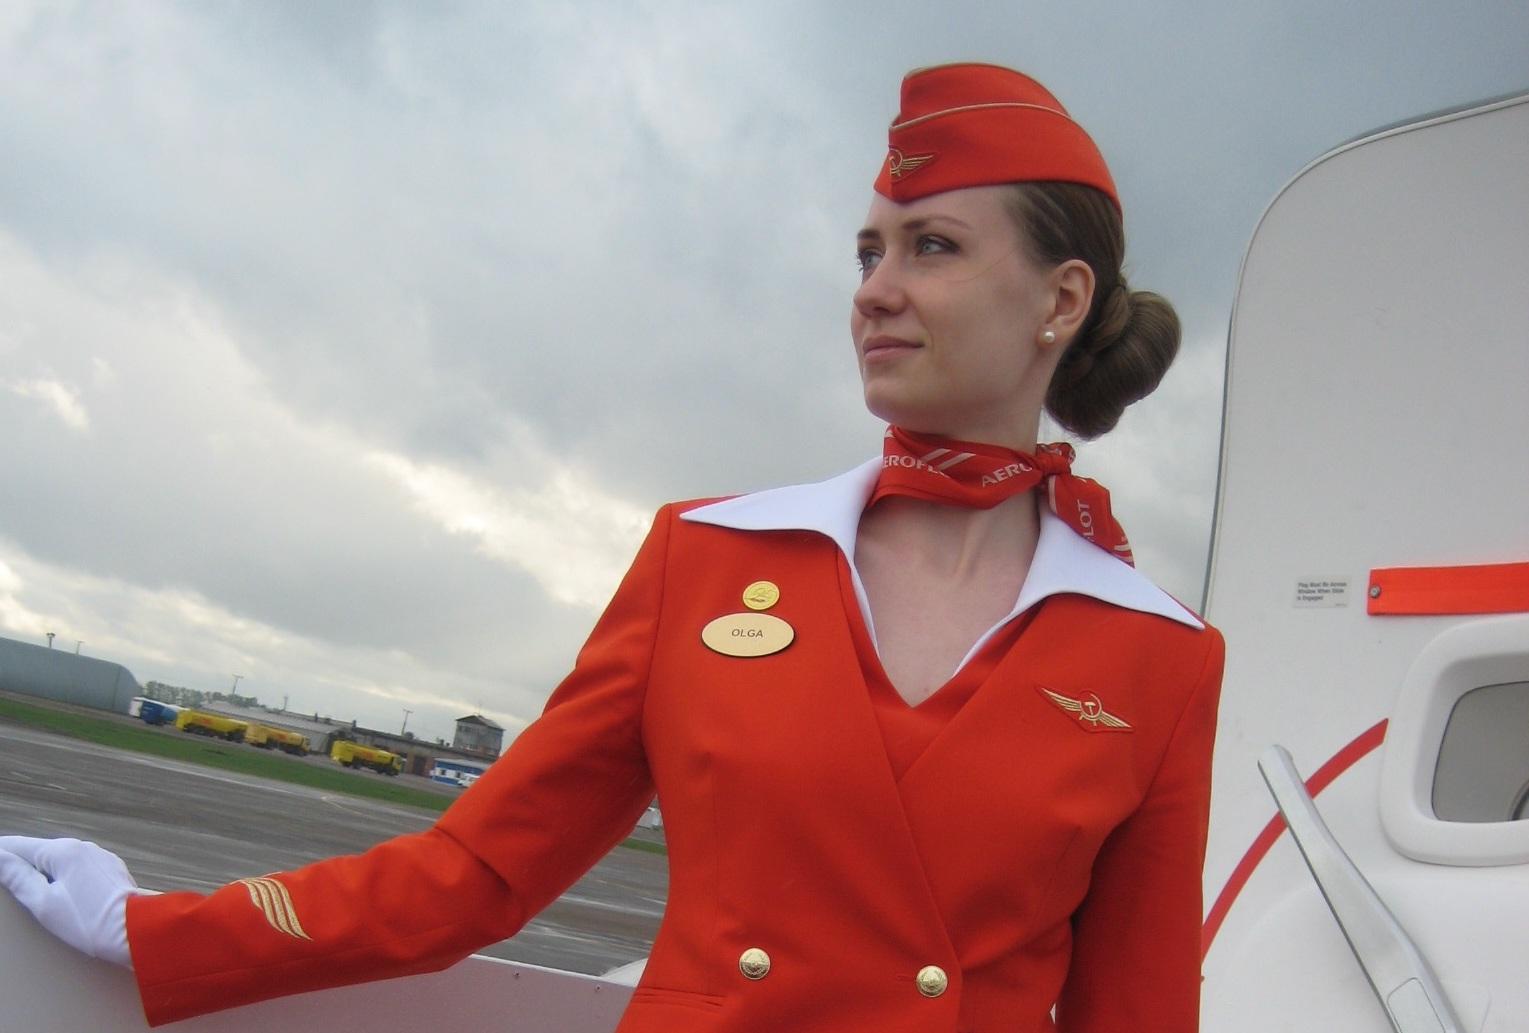 Стюардесса по имени Ольга